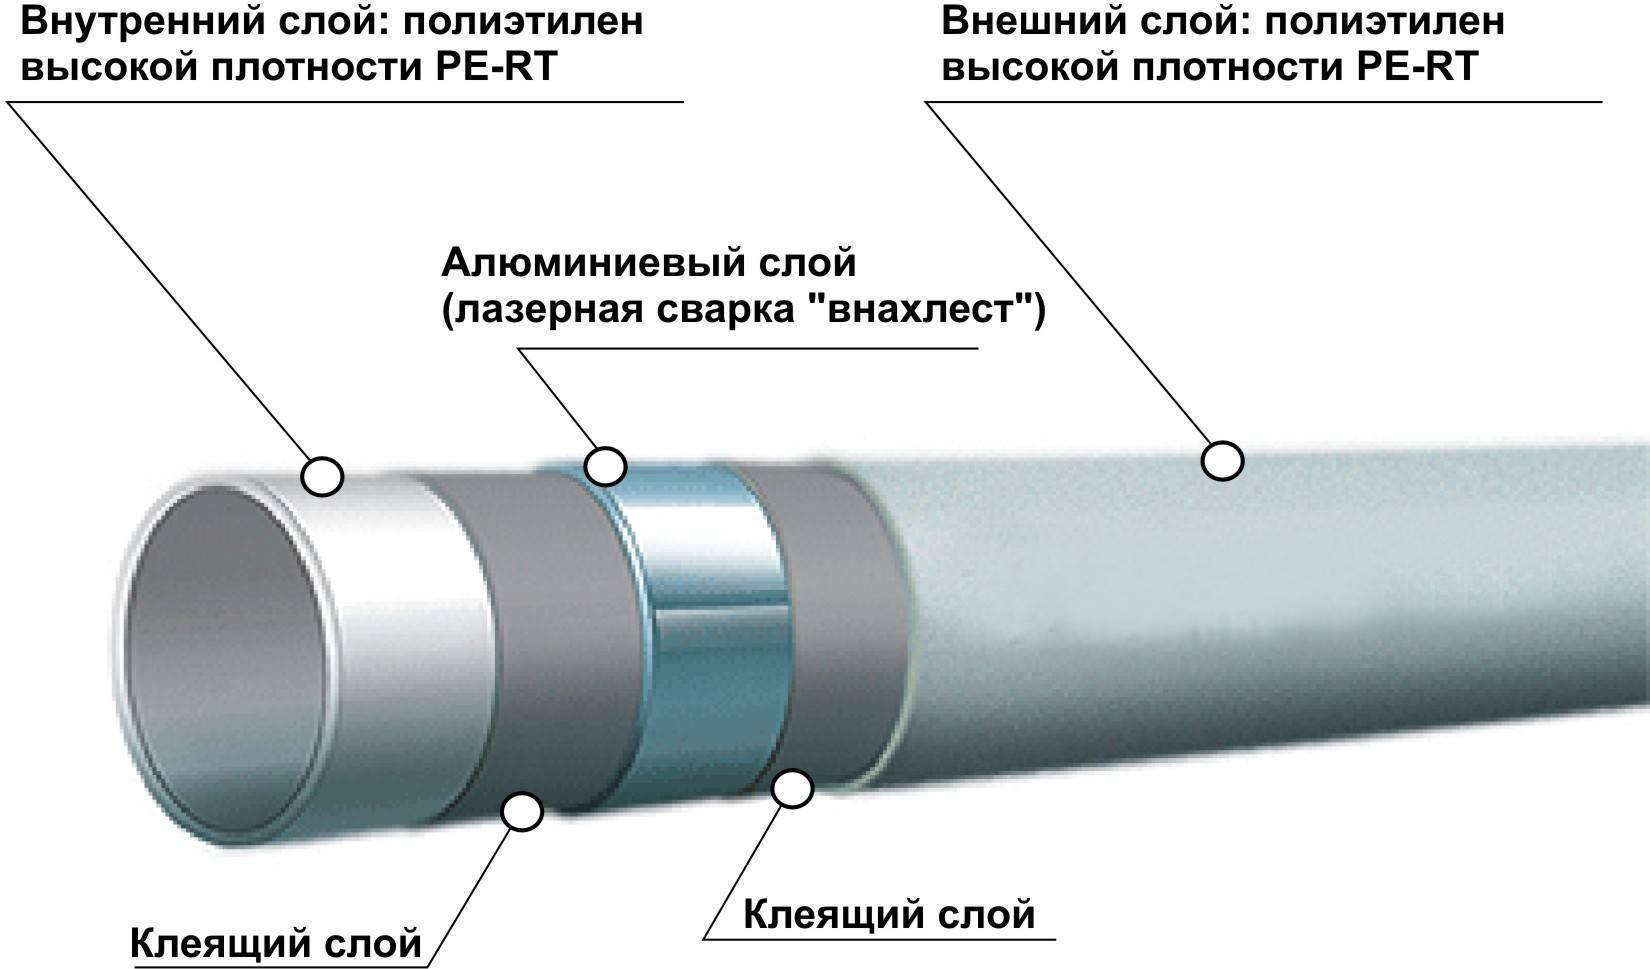 Пластиковые трубы: виды и свойства